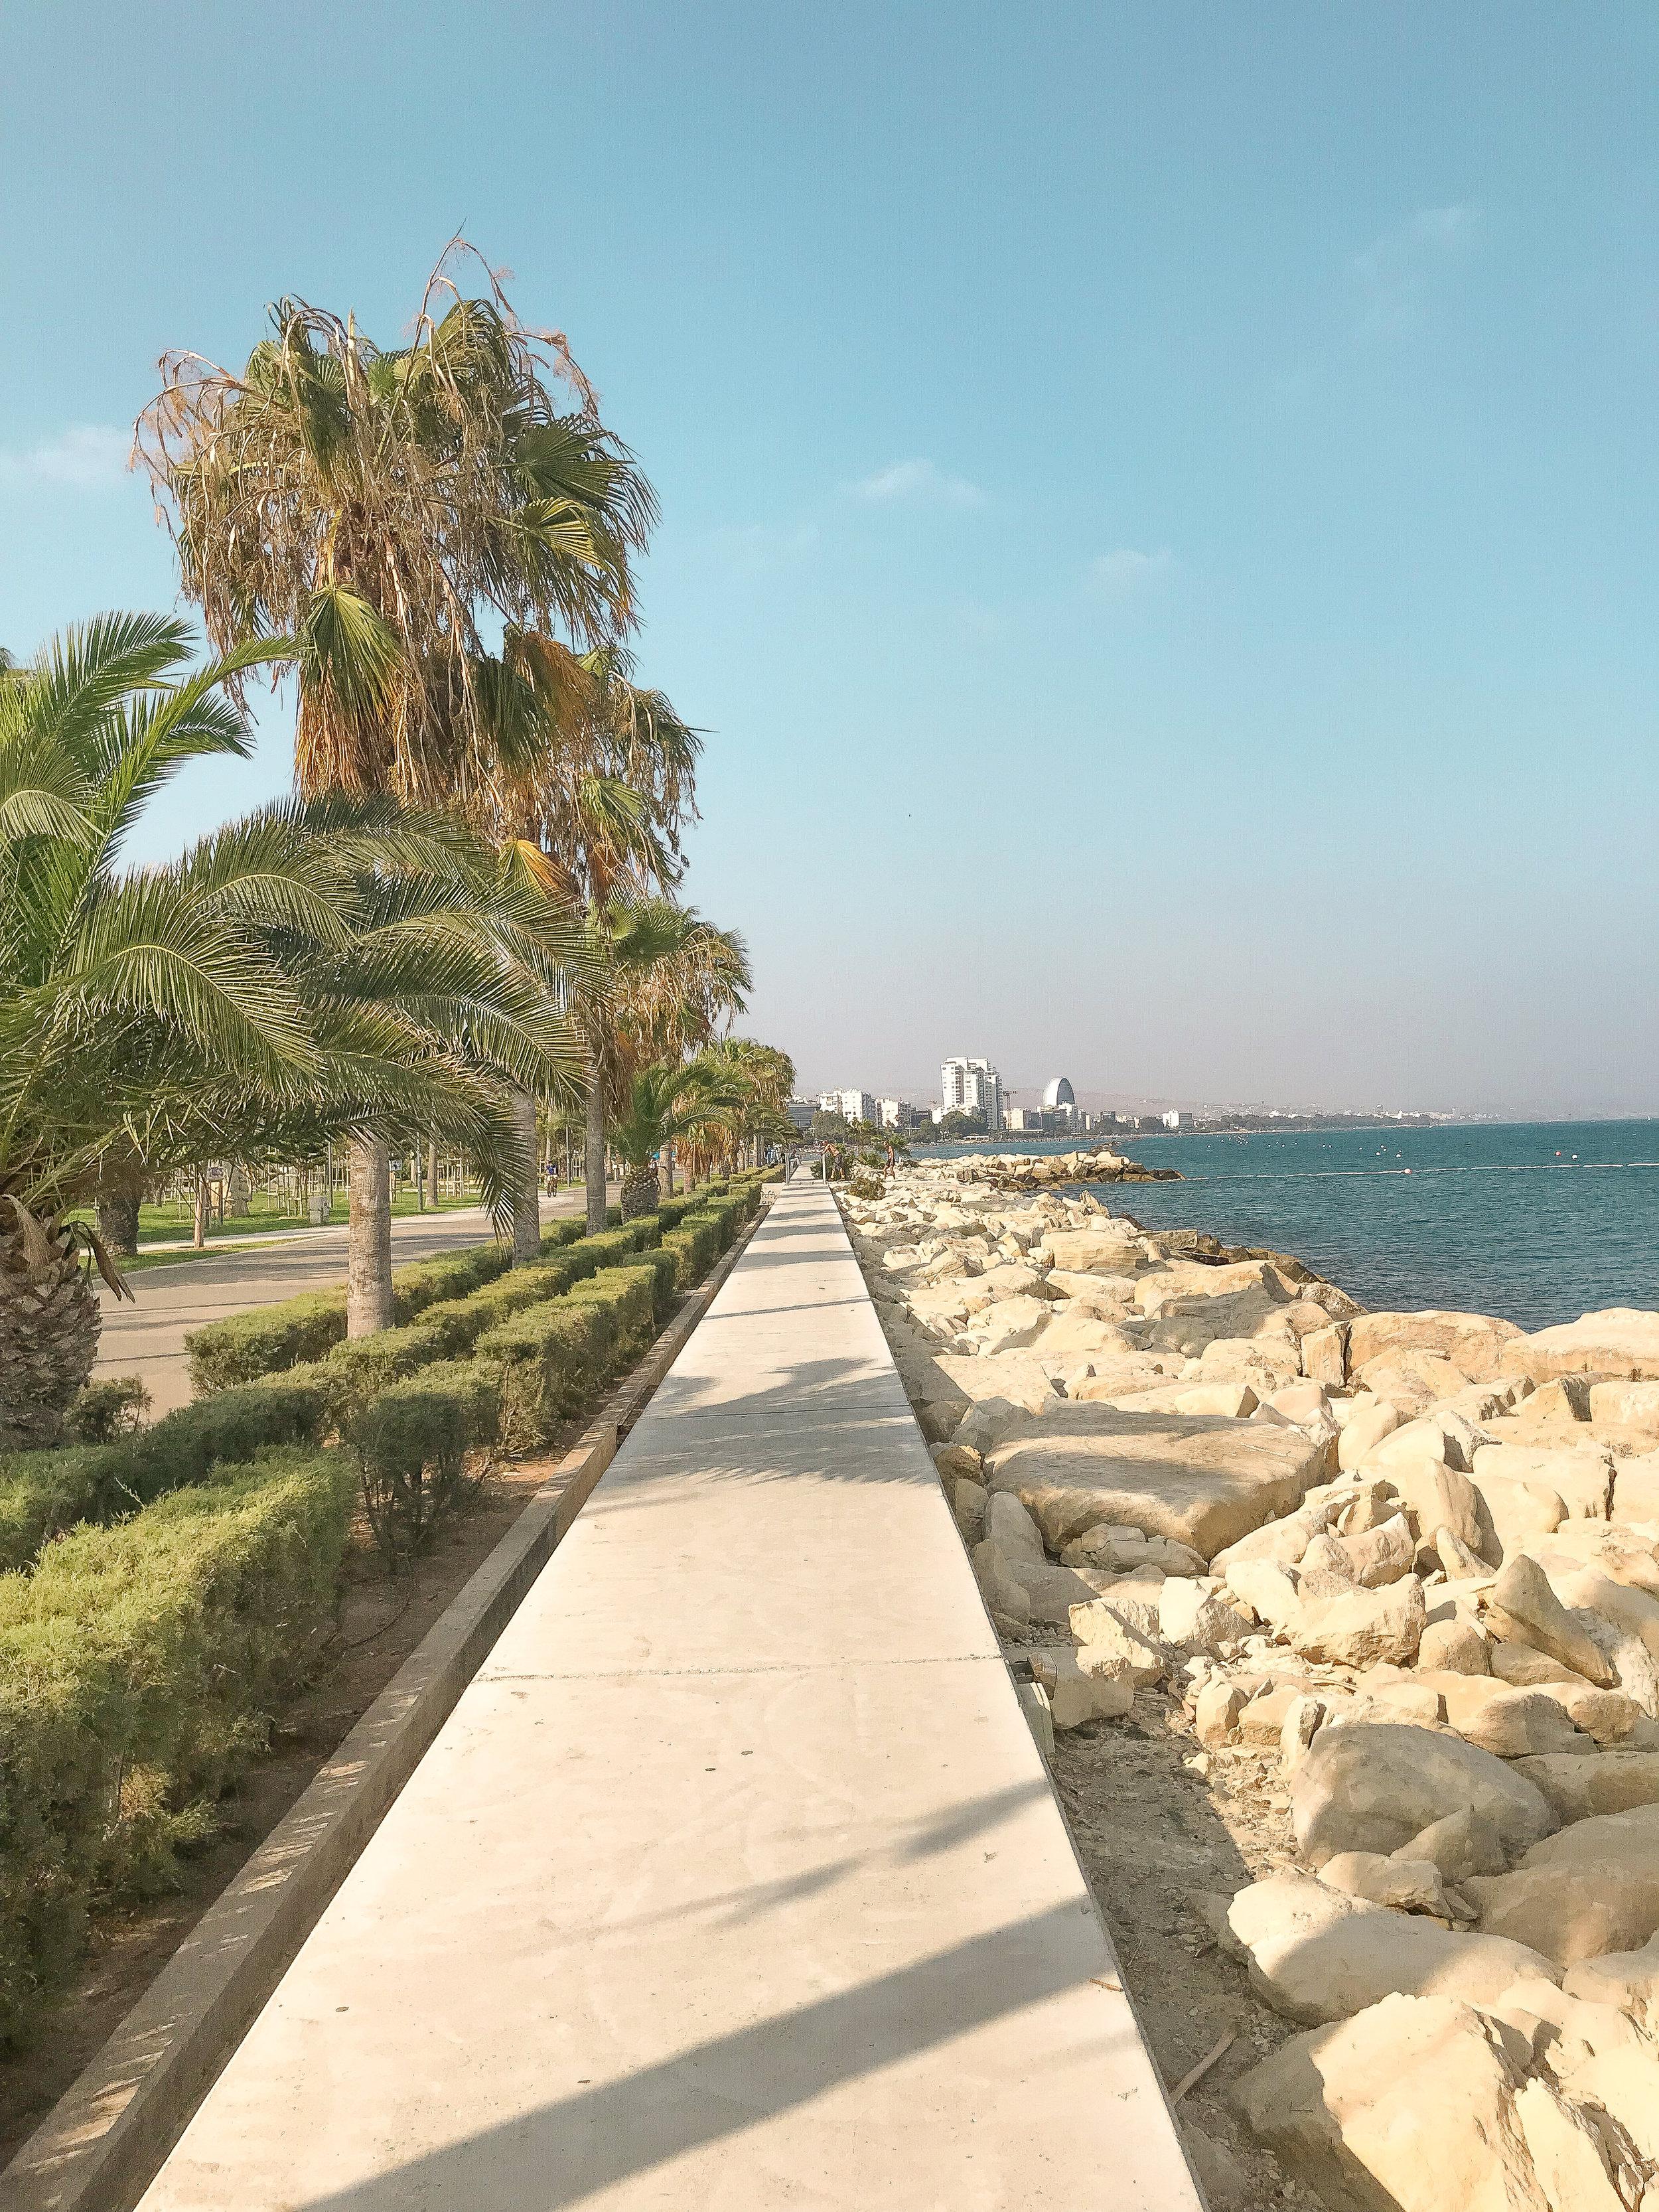 Limassol beach walk www.lindahaggh.com.jpg